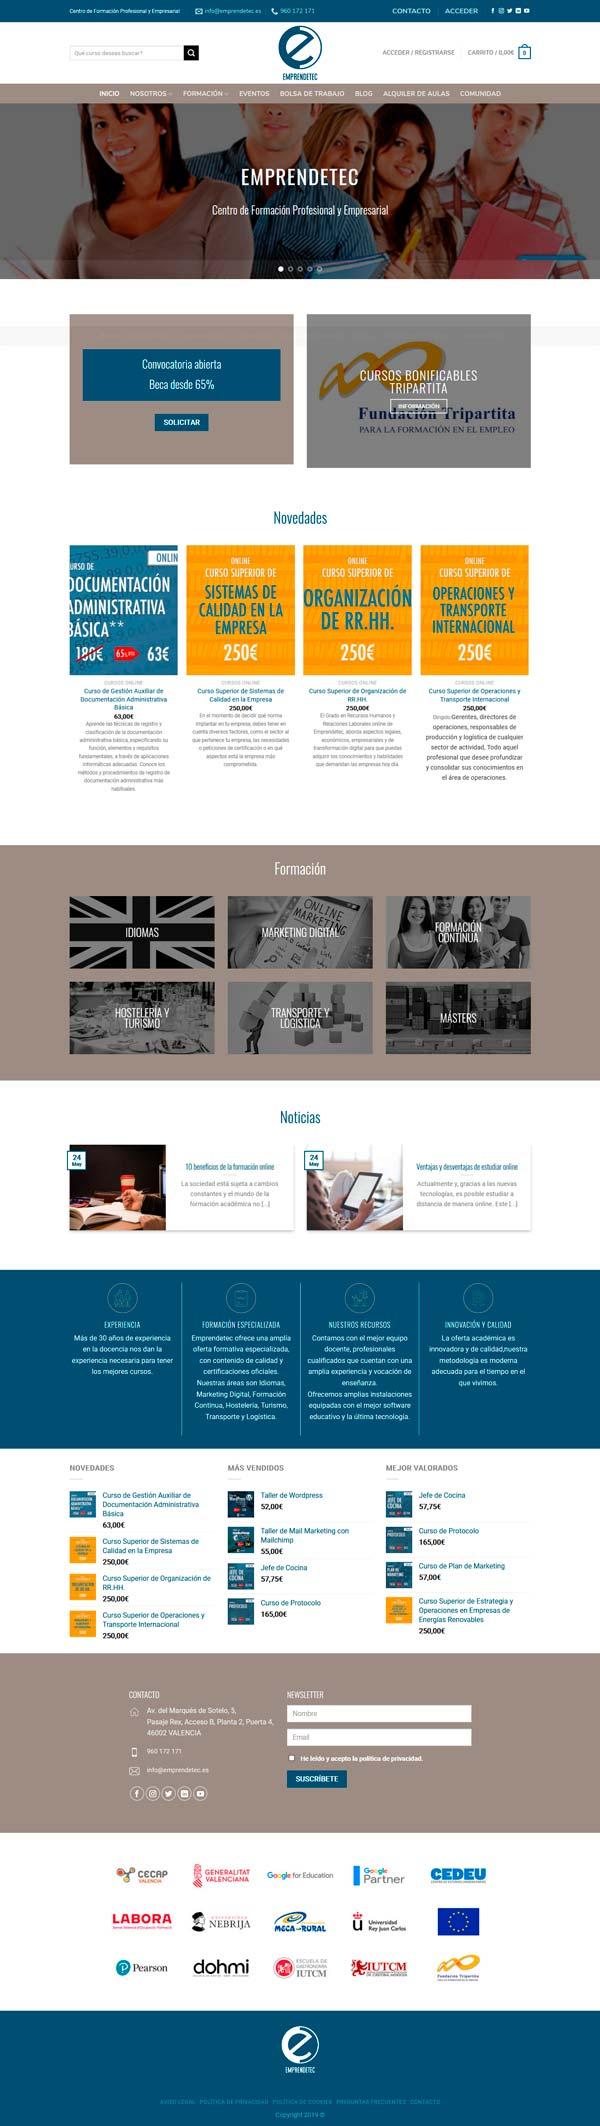 portfolio-aeuroweb-emprendetec-inicio